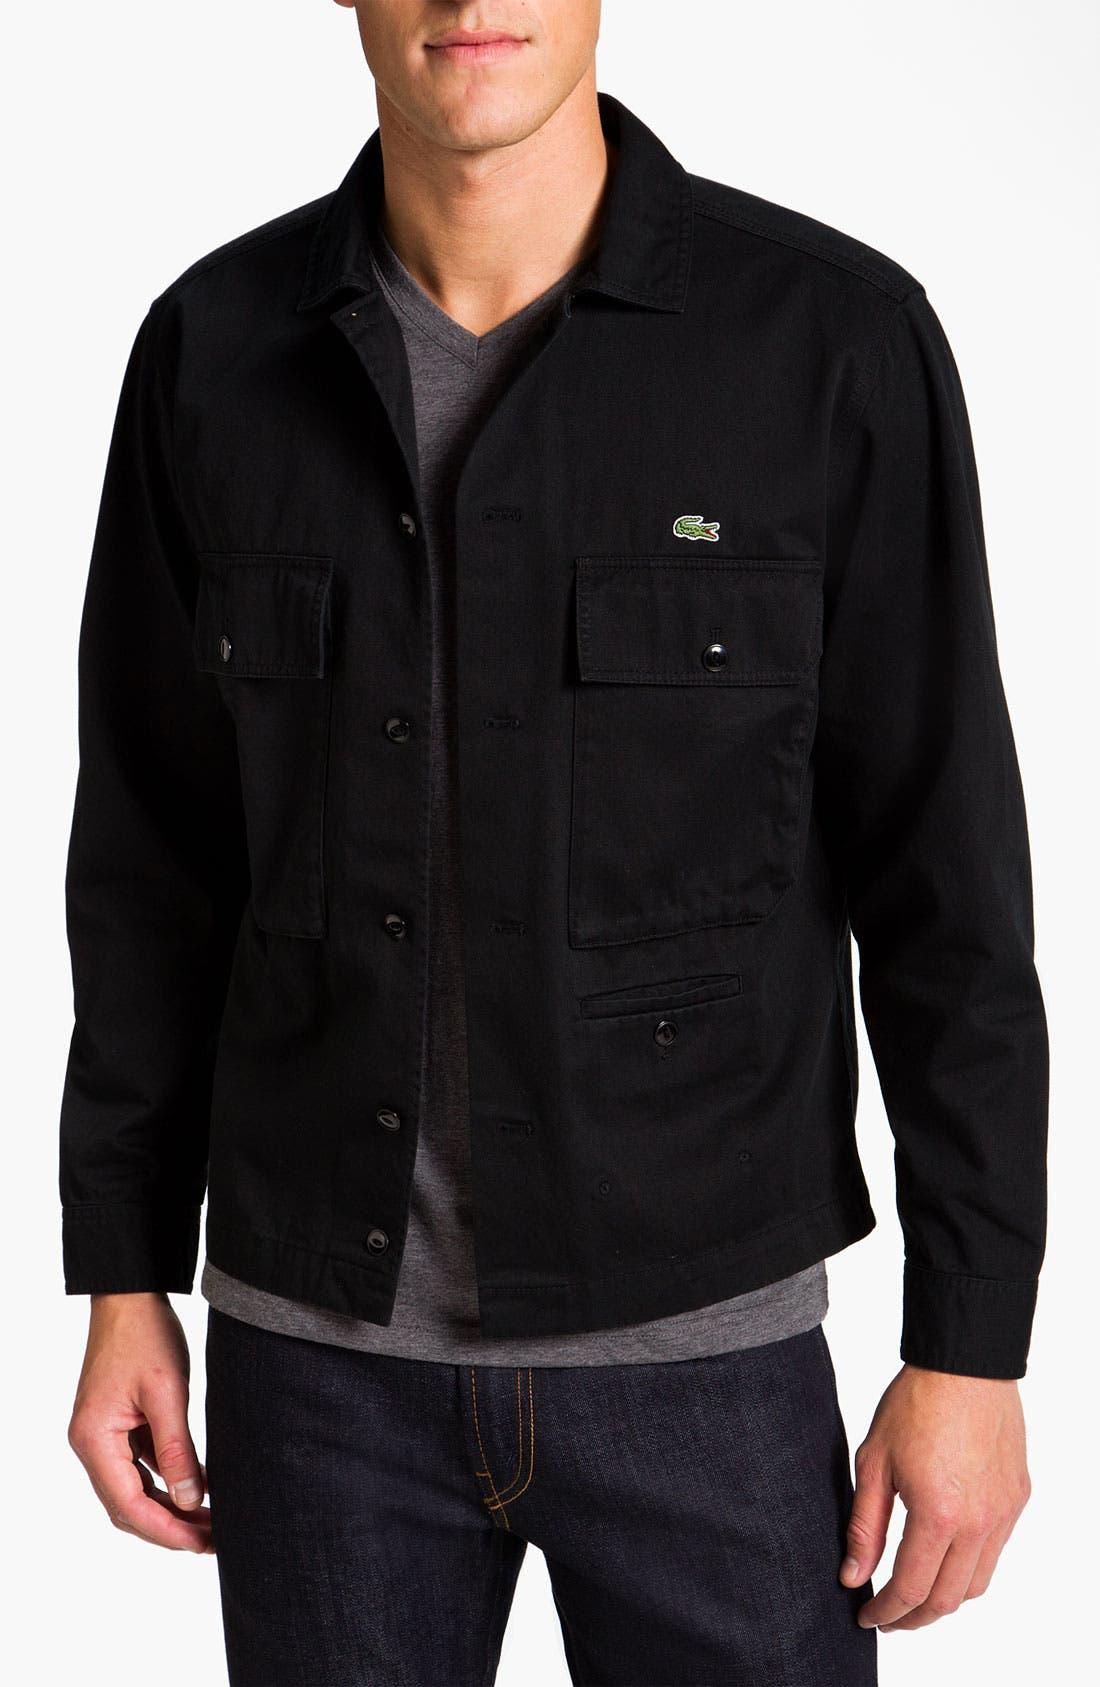 Main Image - Lacoste L!VE Cotton Twill Trim Fit Shirt Jacket